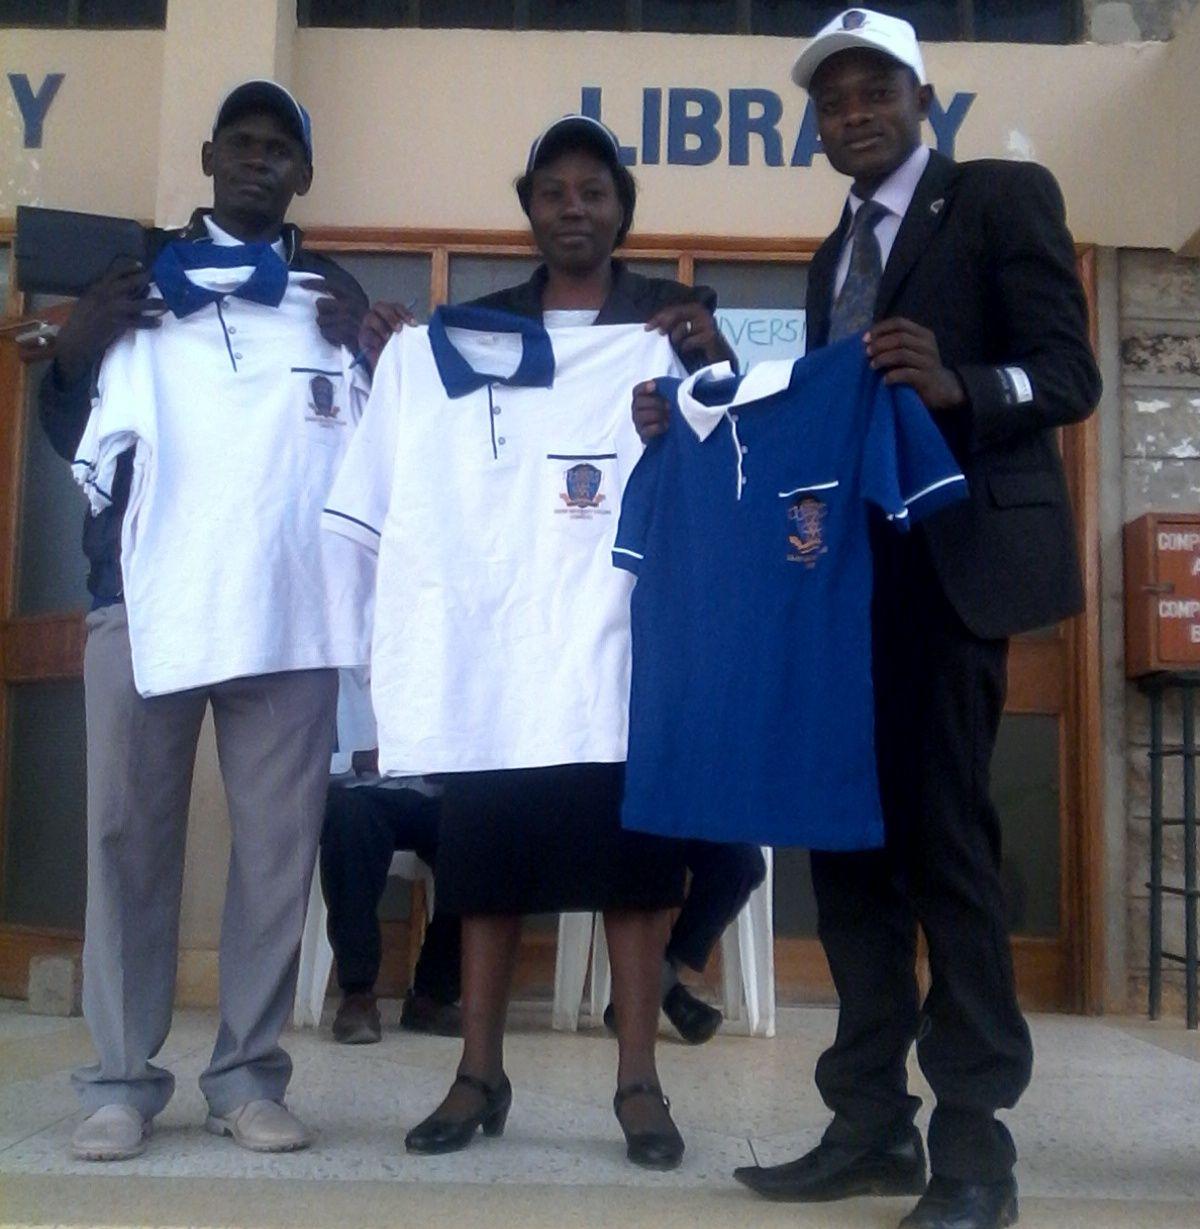 University T. Shirts